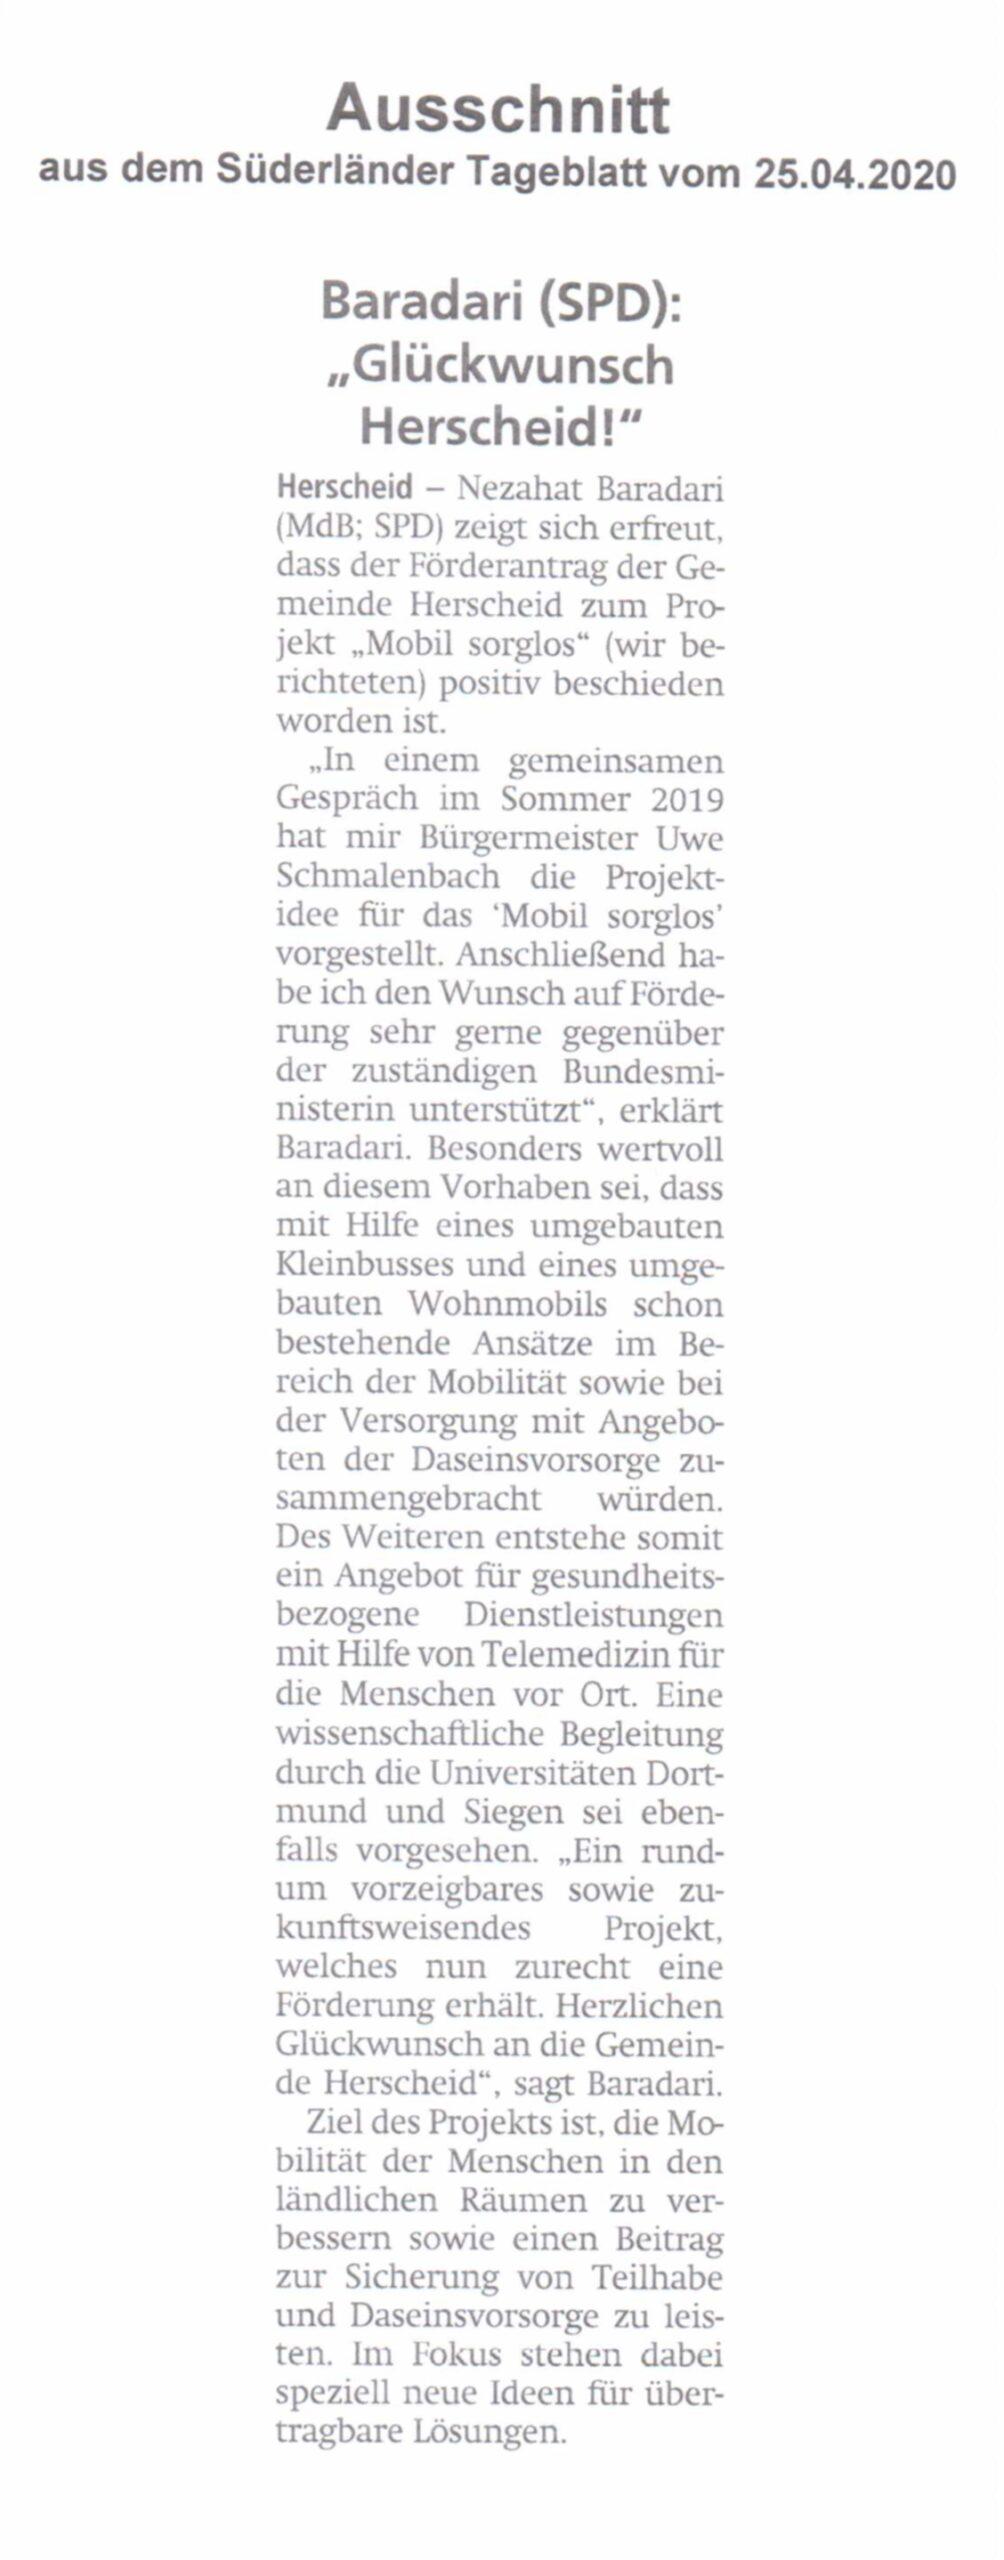 Bild Süderländer Tageblatt Glückwunsch Baradari